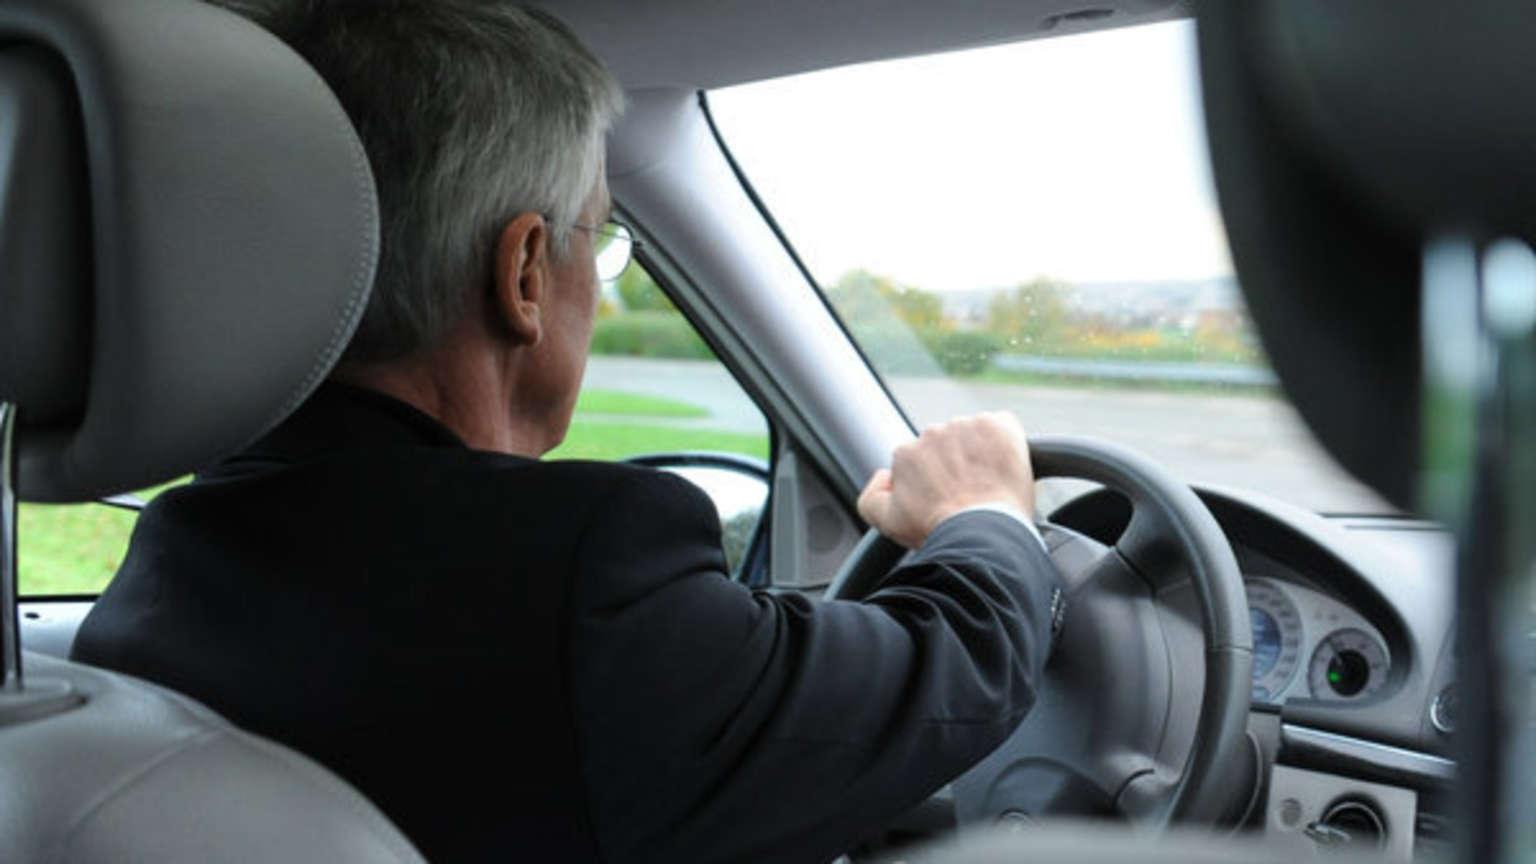 Sie halten sich für einen guten Fahrer? Diesen Fehler